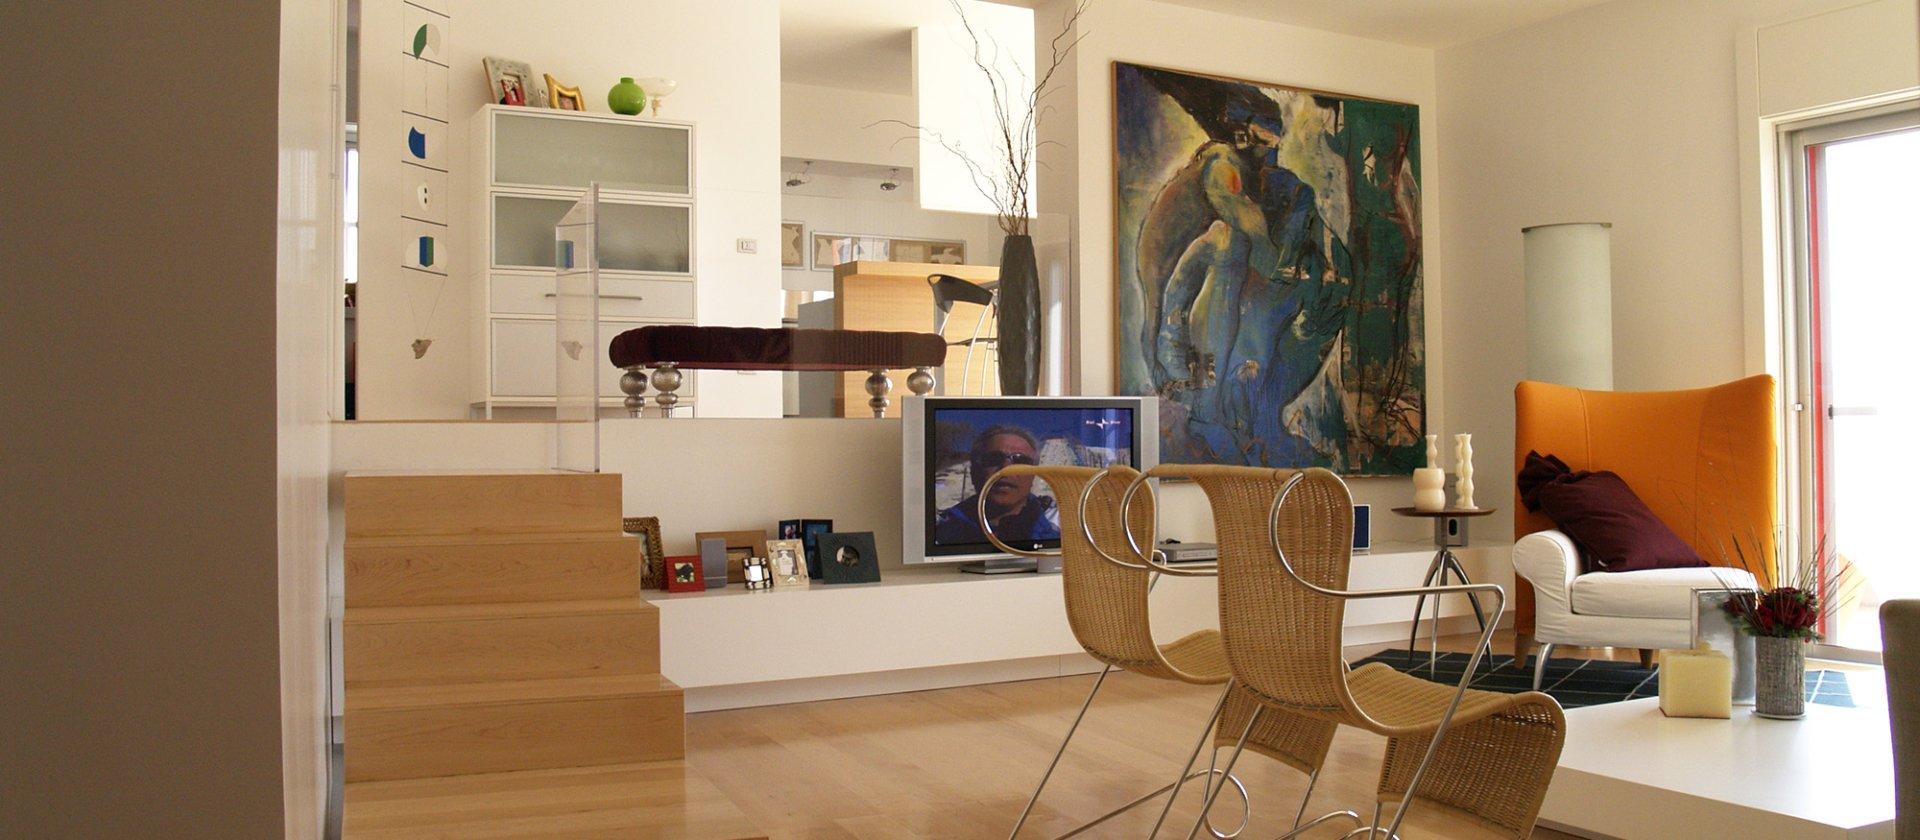 Scrimieri Home design